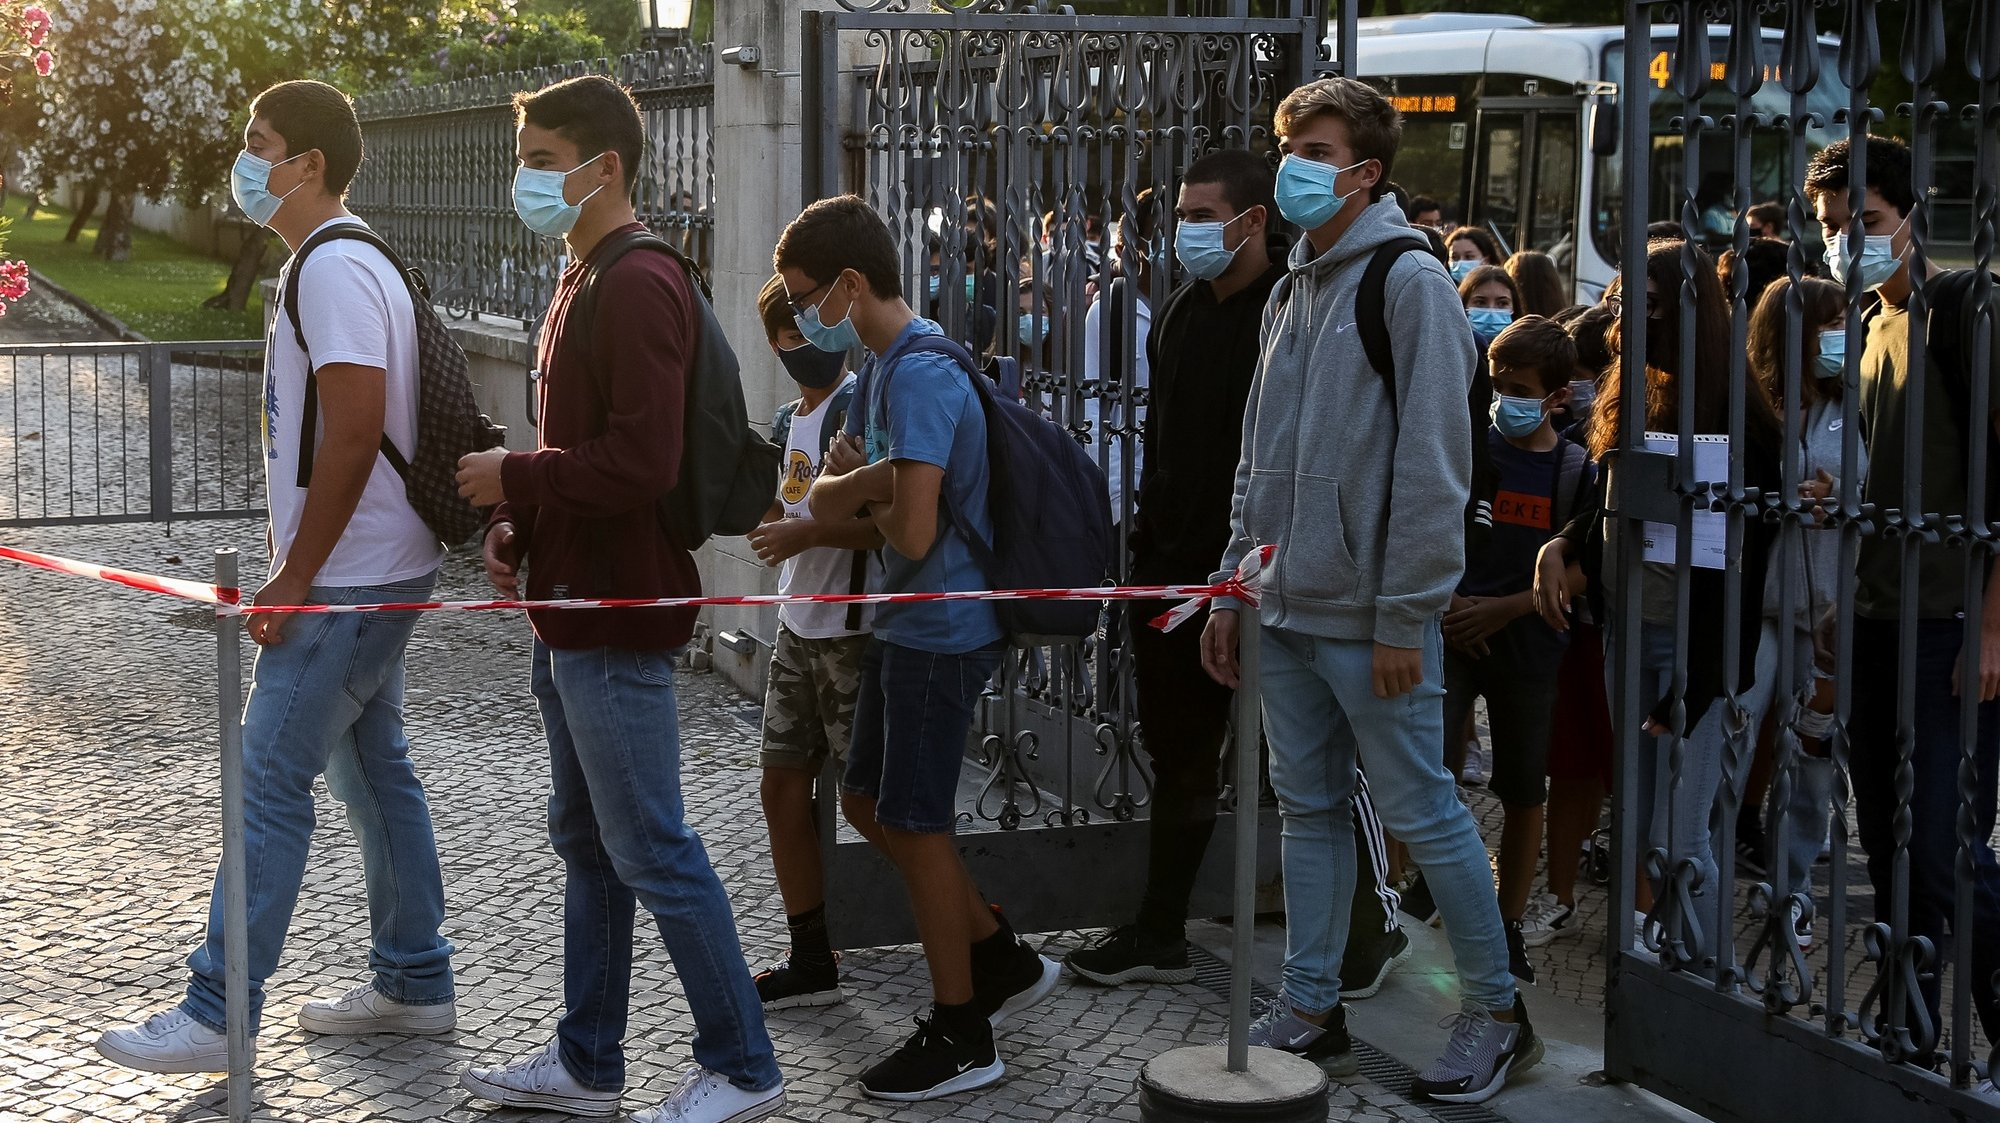 Alunos fazem fila à porta da Escola Secundária Infanta Dona Maria, no dia que assinala o regresso às aulas, com as regras no contexto de pandemia da Covid-19, em Coimbra, 17 de setembro de 2020. PAULO NOVAIS/LUSA